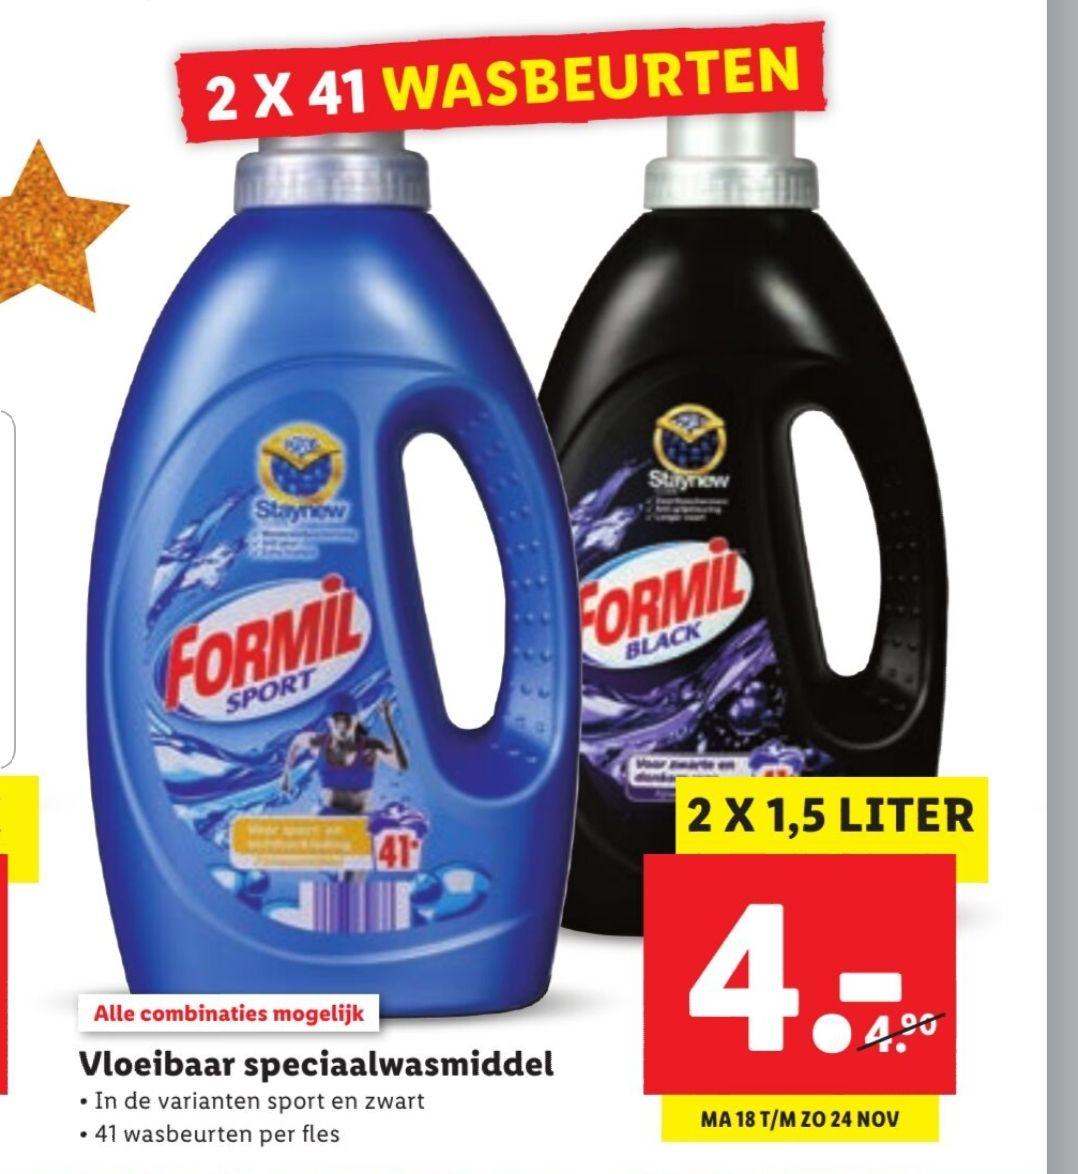 Vloeibaar Speciaal Wasmiddel Lidl. 82 wasbeurt en voor €4,-